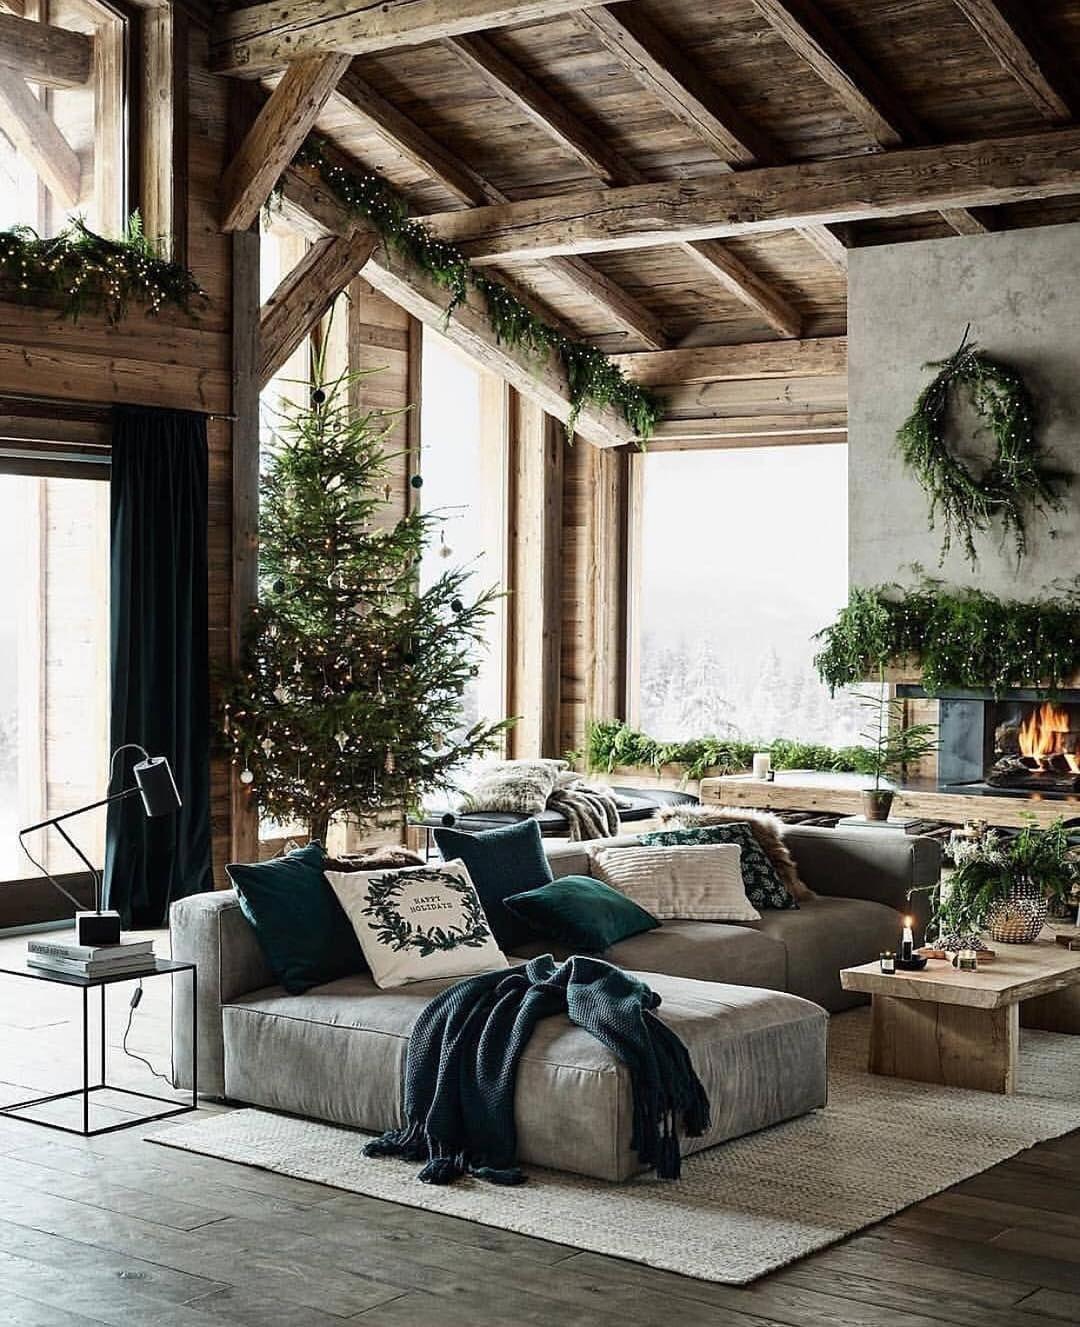 Interior Design Ideas On Instagram Dreaminterior Interior